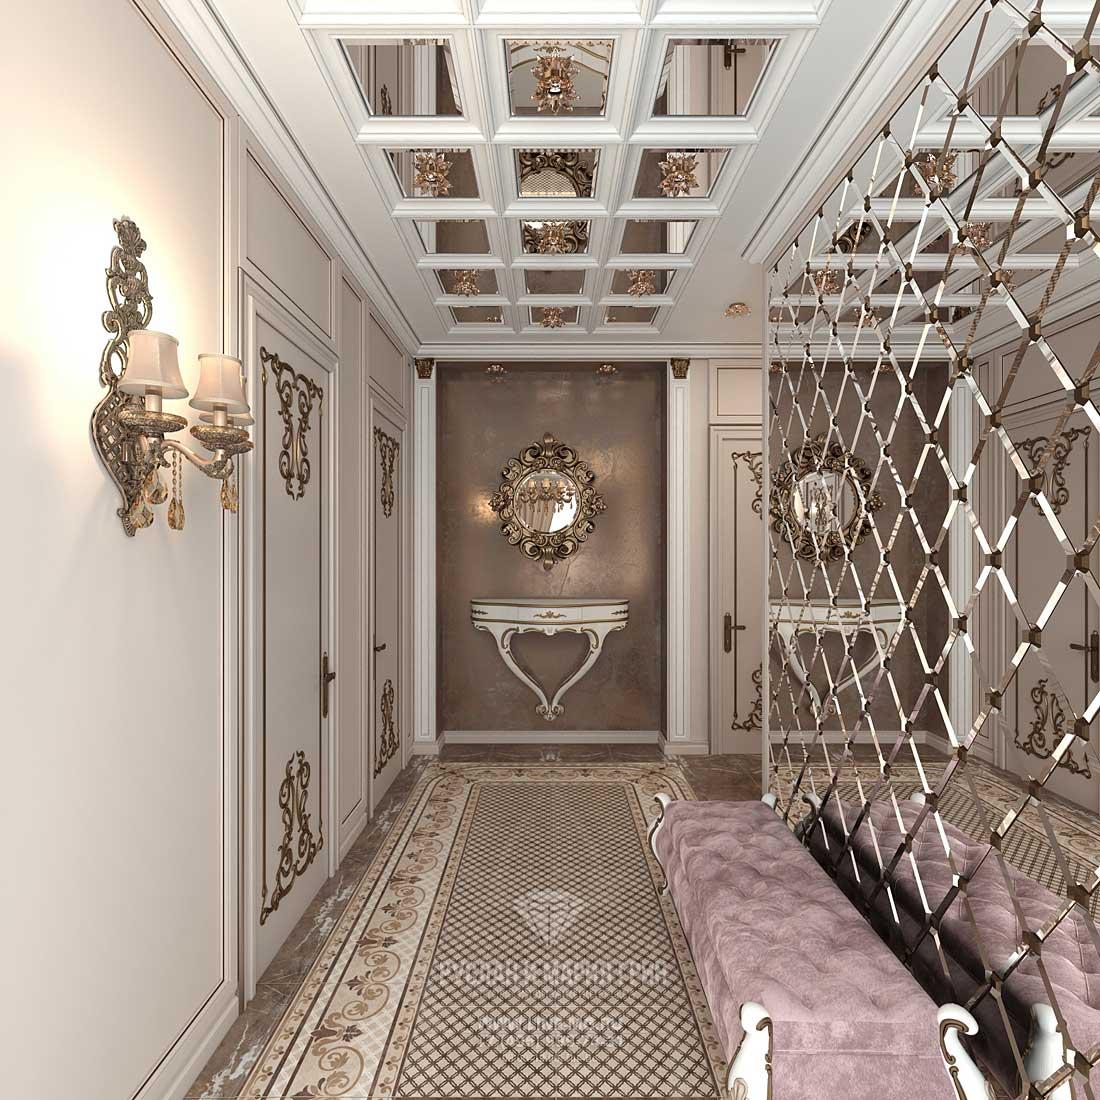 Элитный ремонт квартиры в Москве. Фото интерьера прихожей в стиле ар-деко